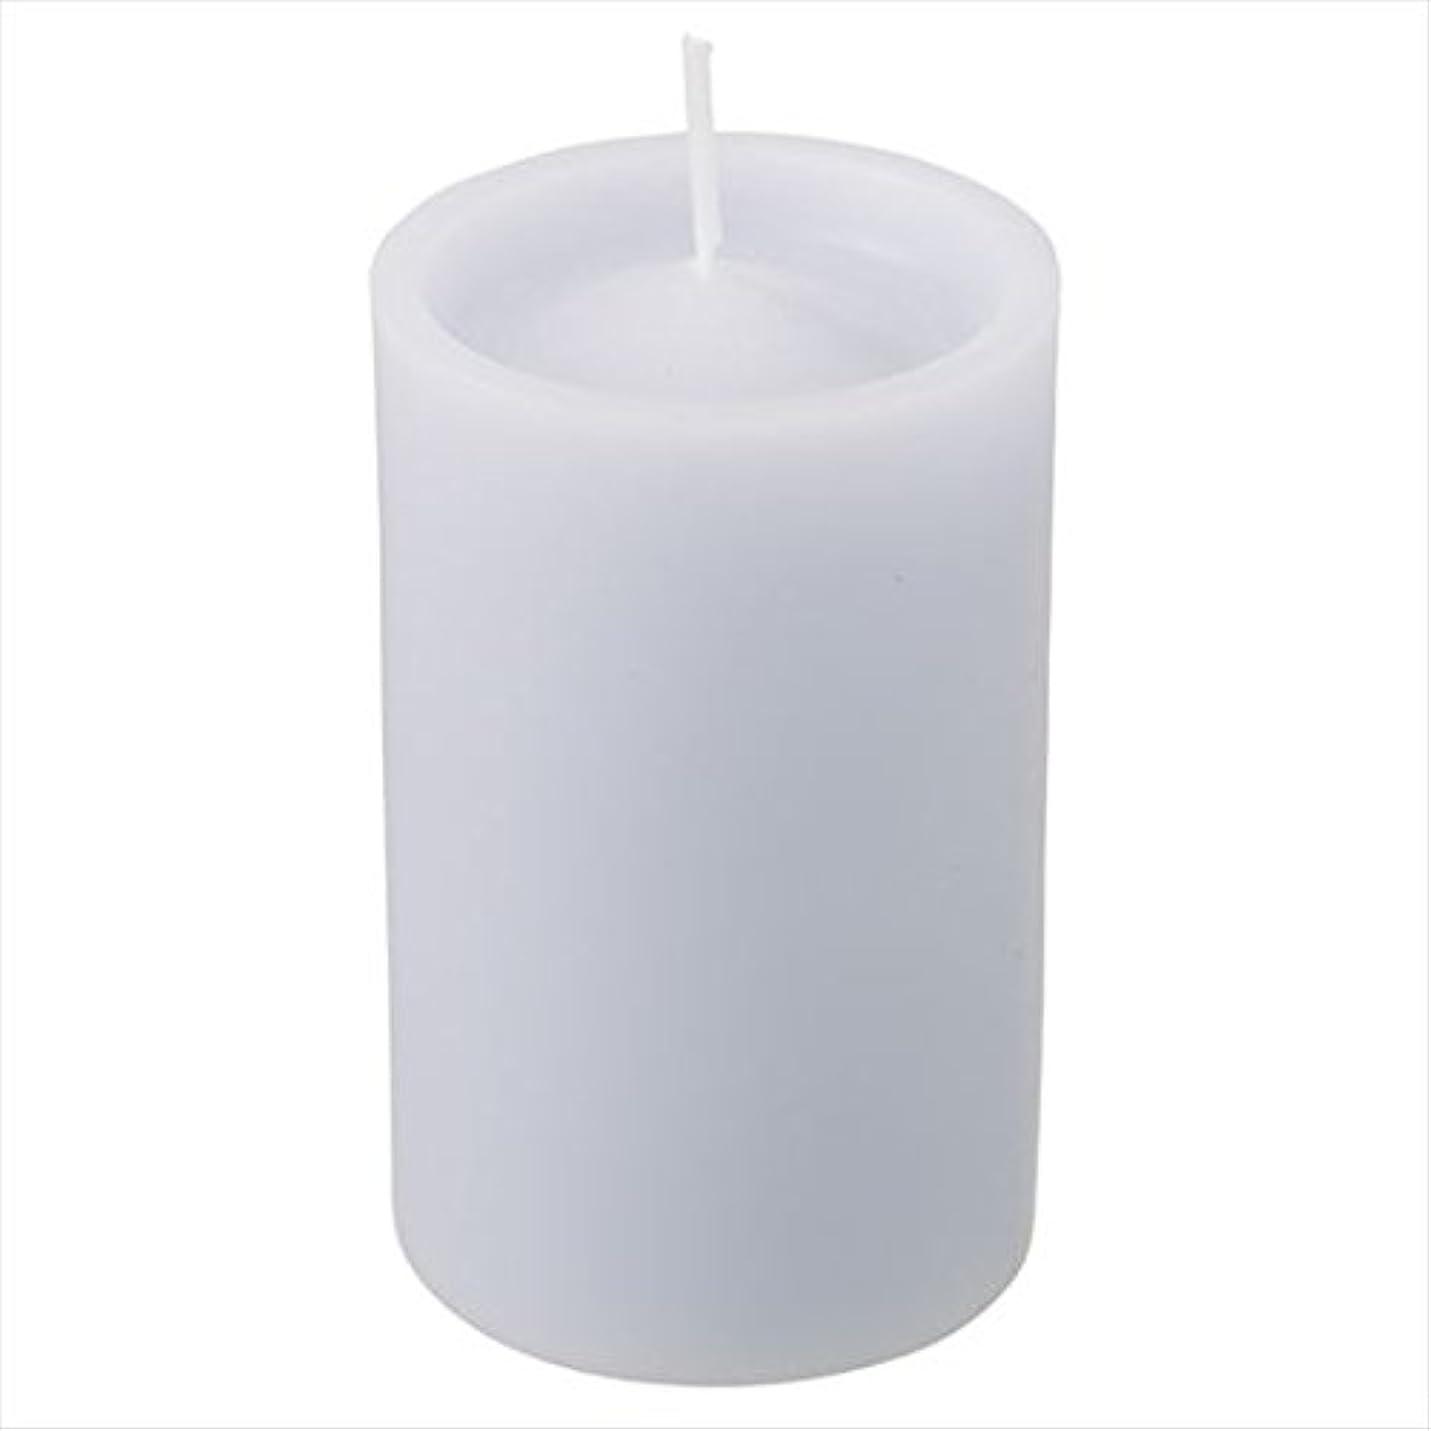 展示会共和党エスカレーターカメヤマキャンドル( kameyama candle ) ロイヤルラウンド60 「 グレー 」